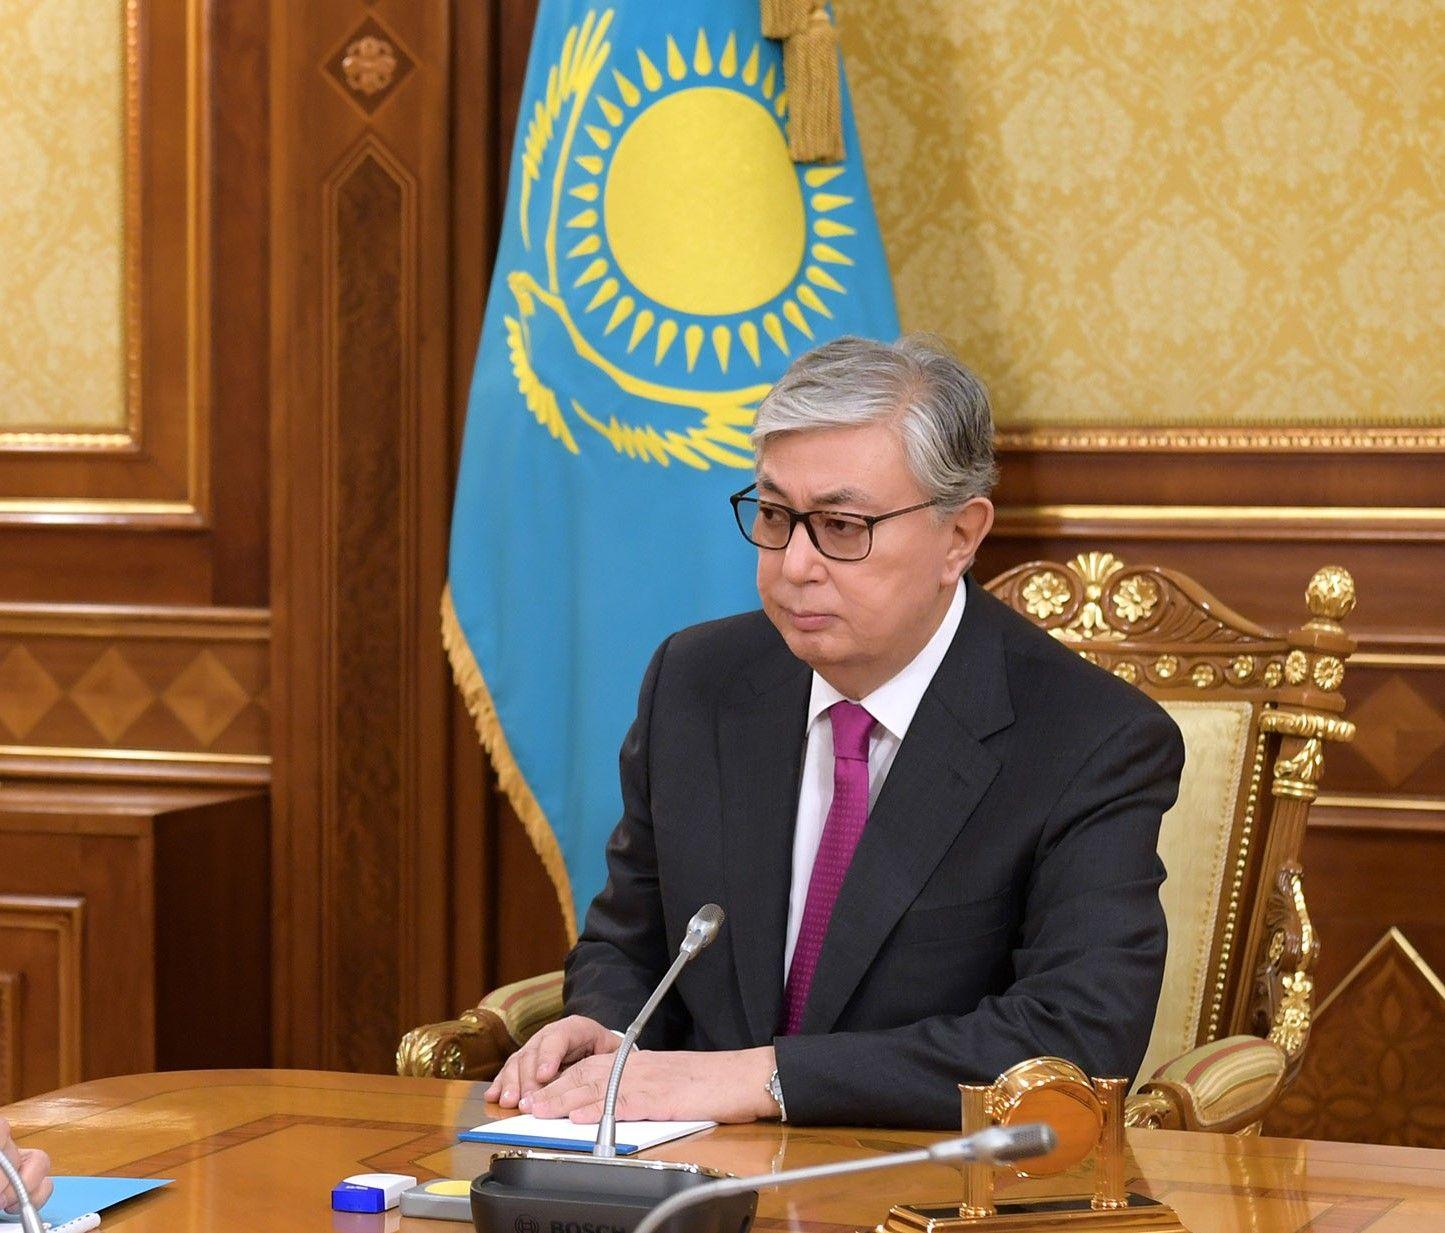 Президент встретился с главами Верховного суда и антикоррупционного агентства- Kapital.kz